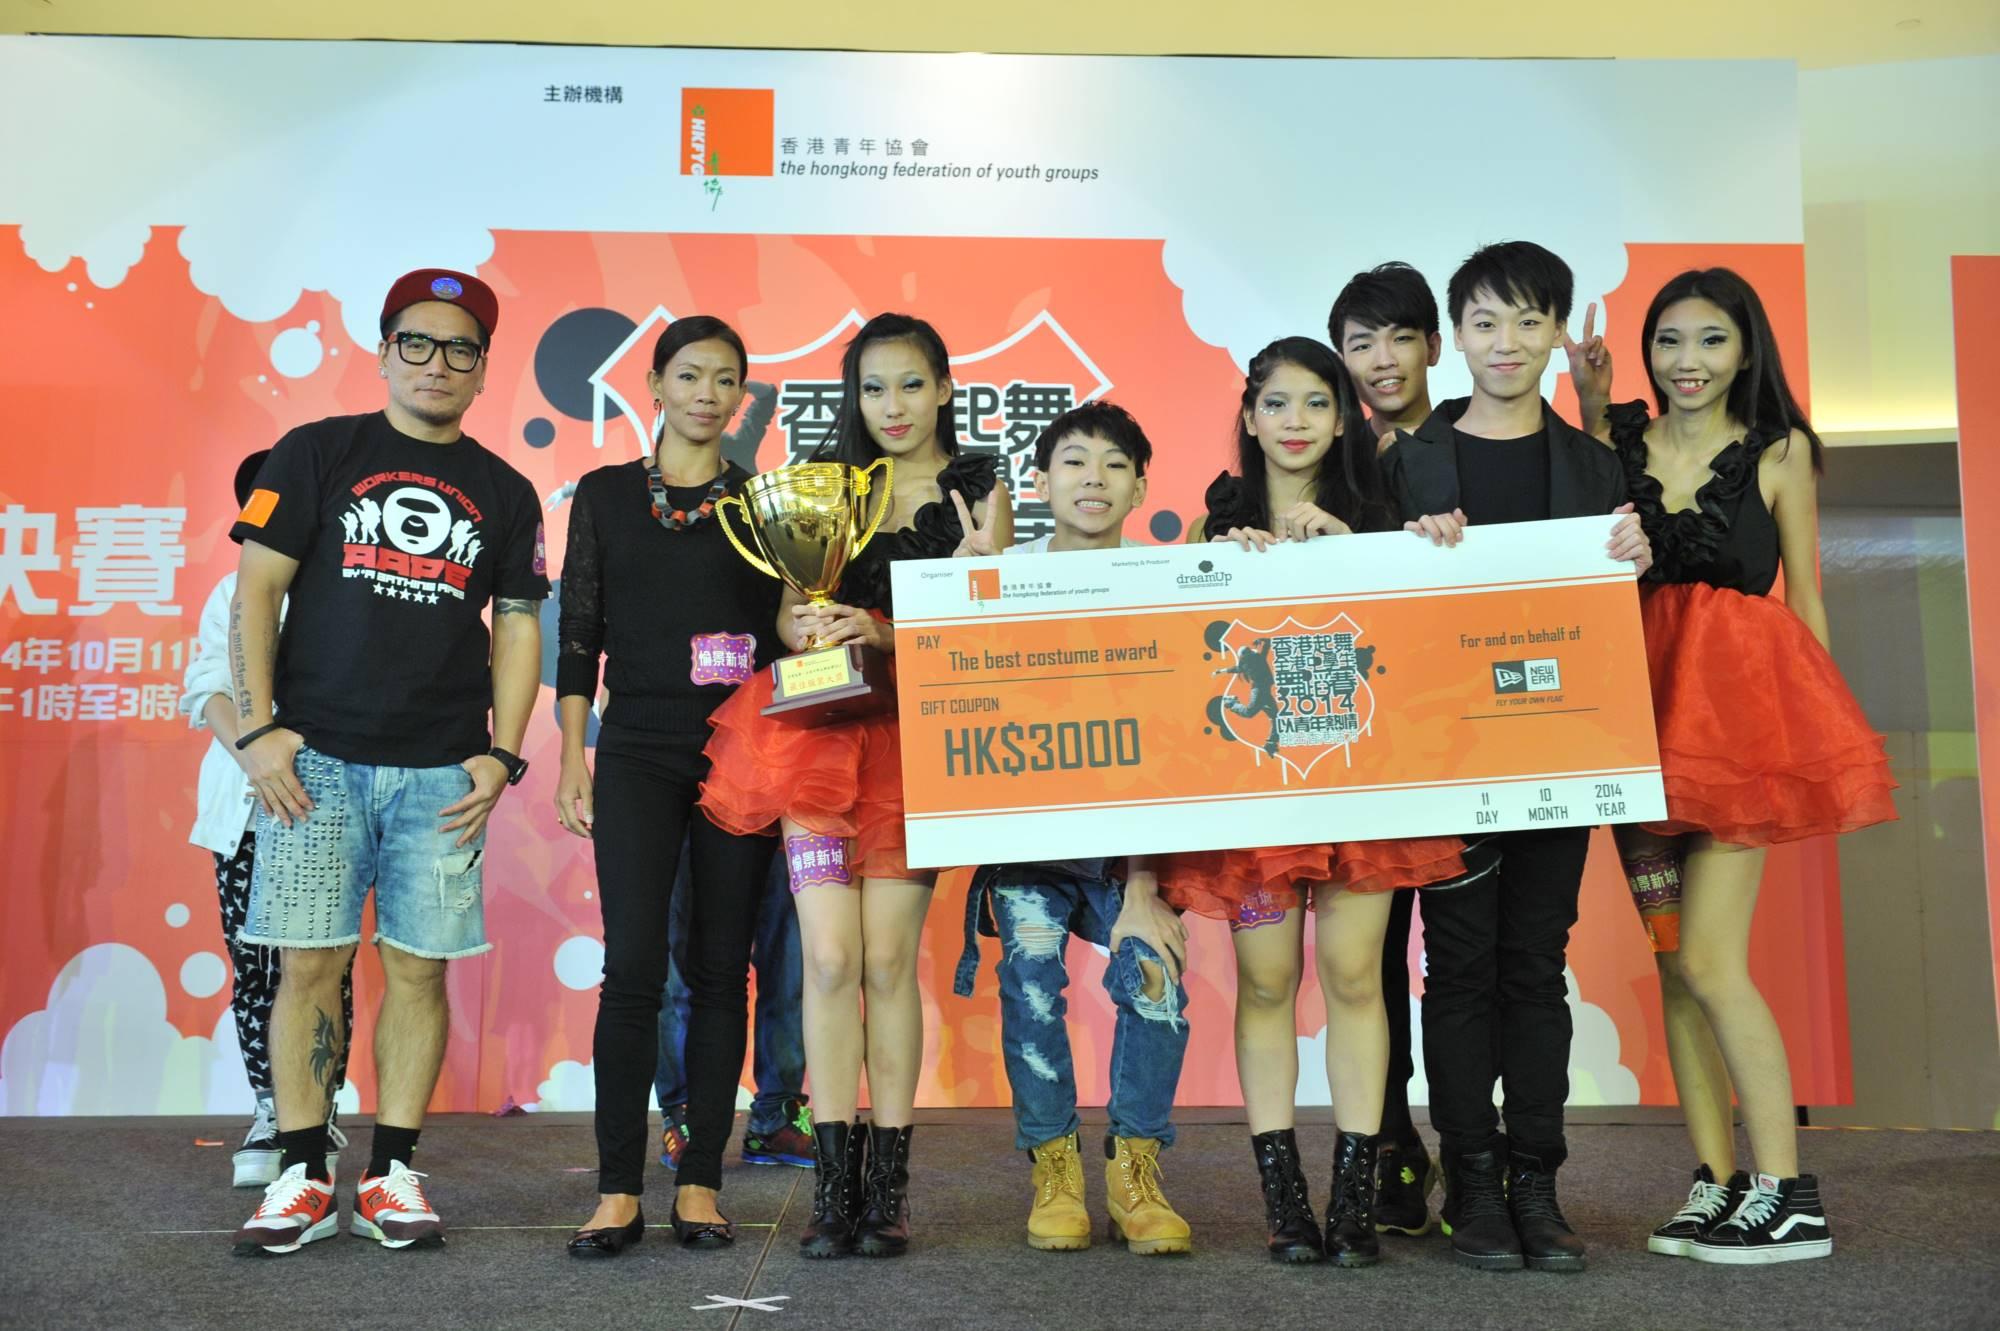 全港中學生舞蹈賽2014得獎隊伍 (3)